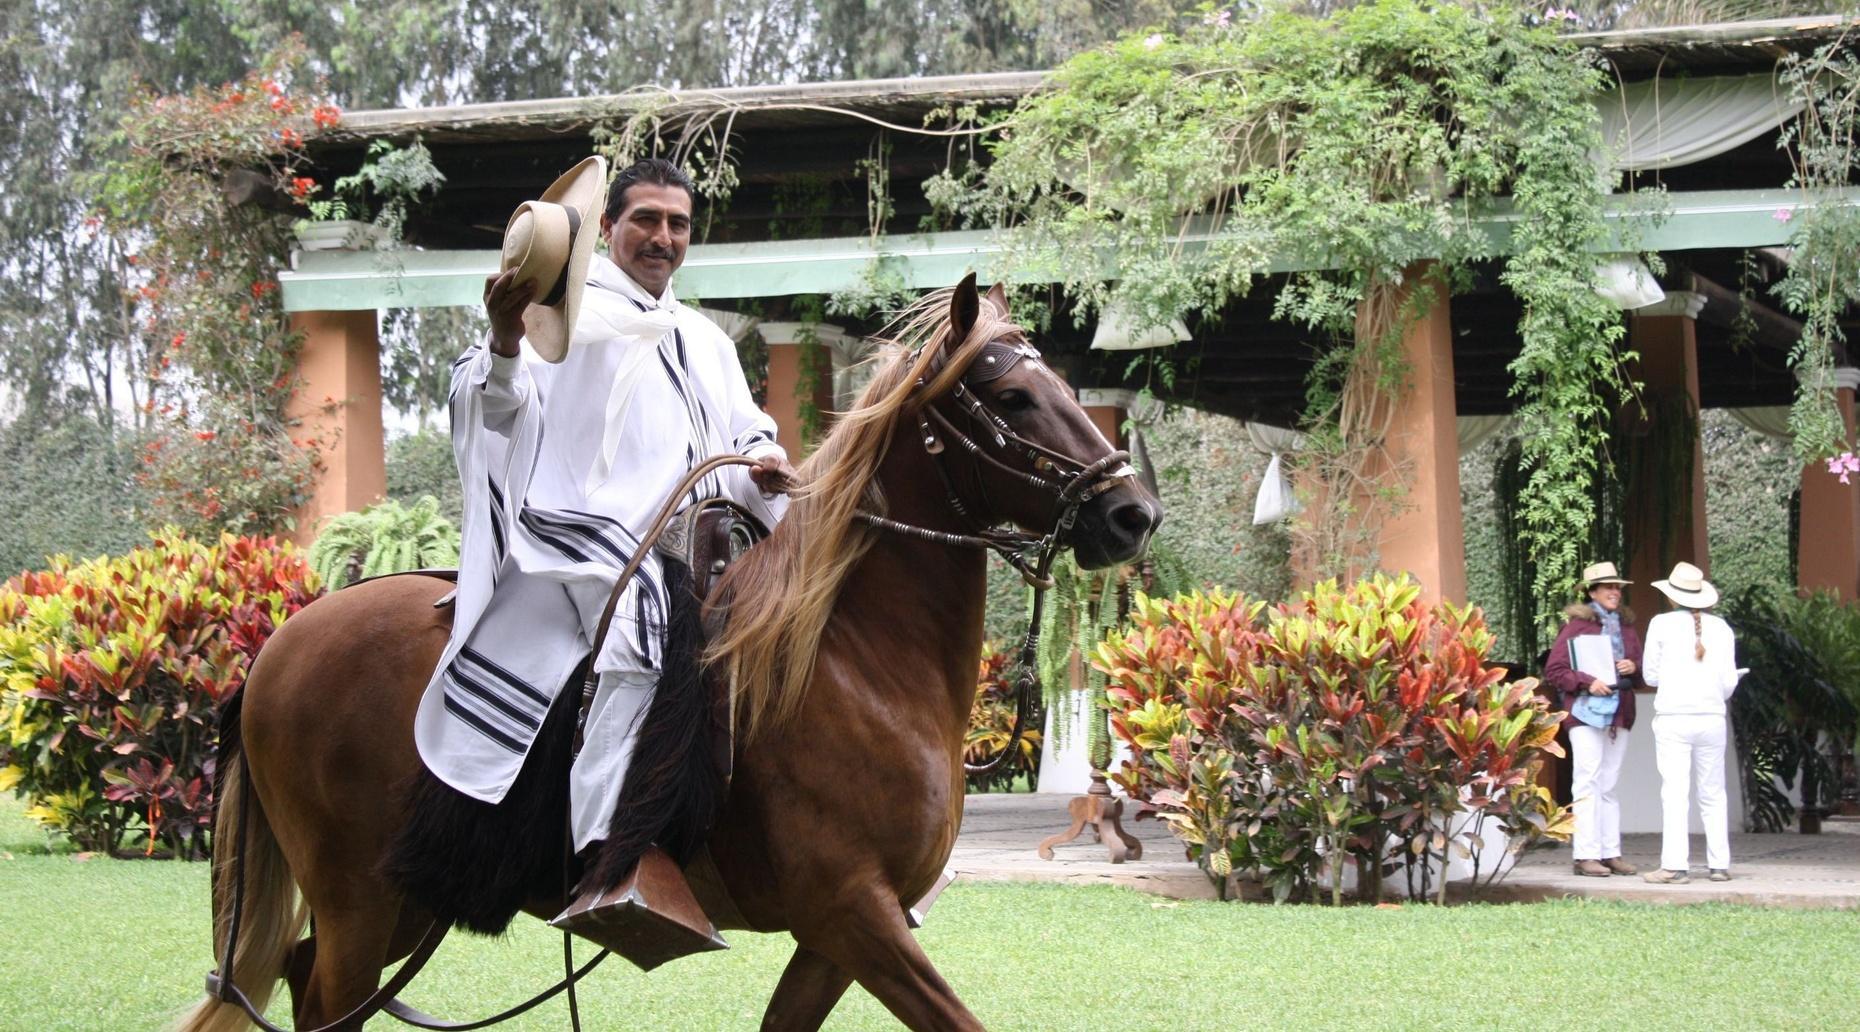 Pachacamac Ruins & Dancing Horse Show